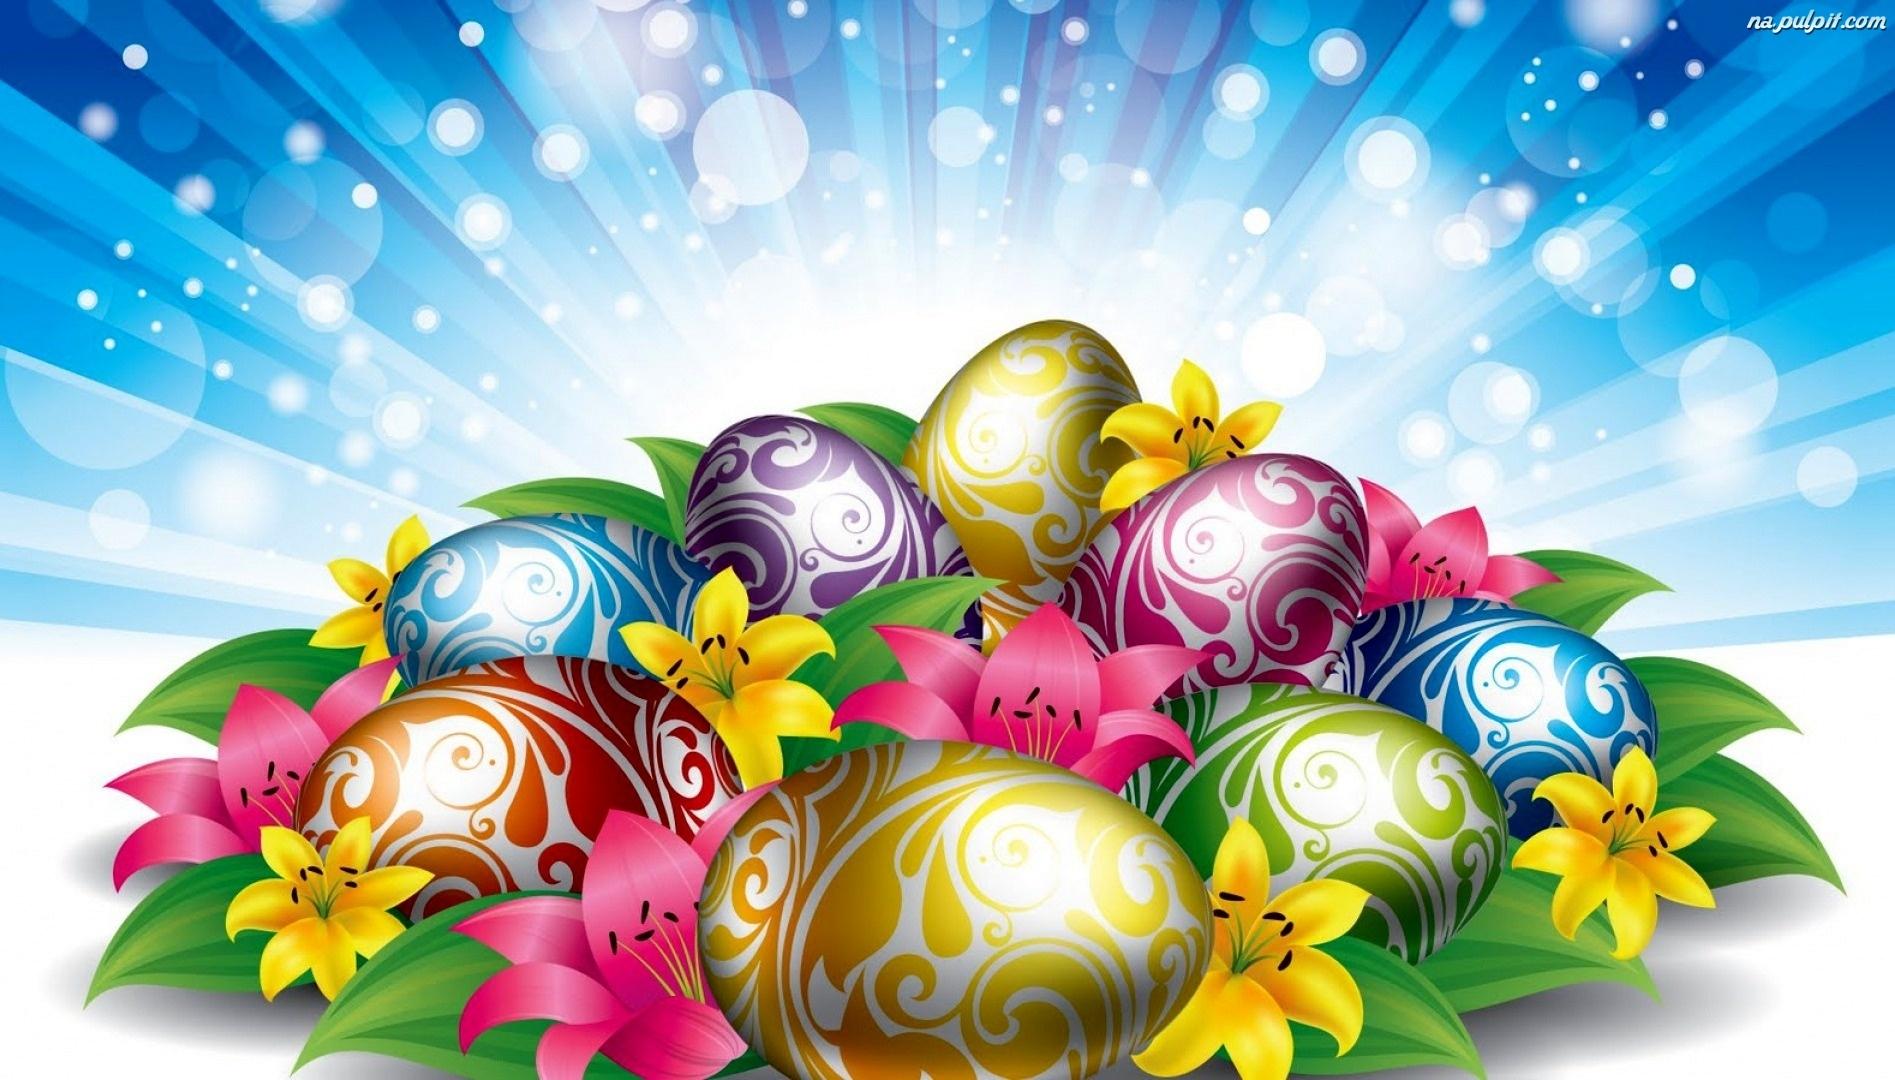 Wielkanocne Tapety Rar Wielkanoc Johncenastf2014